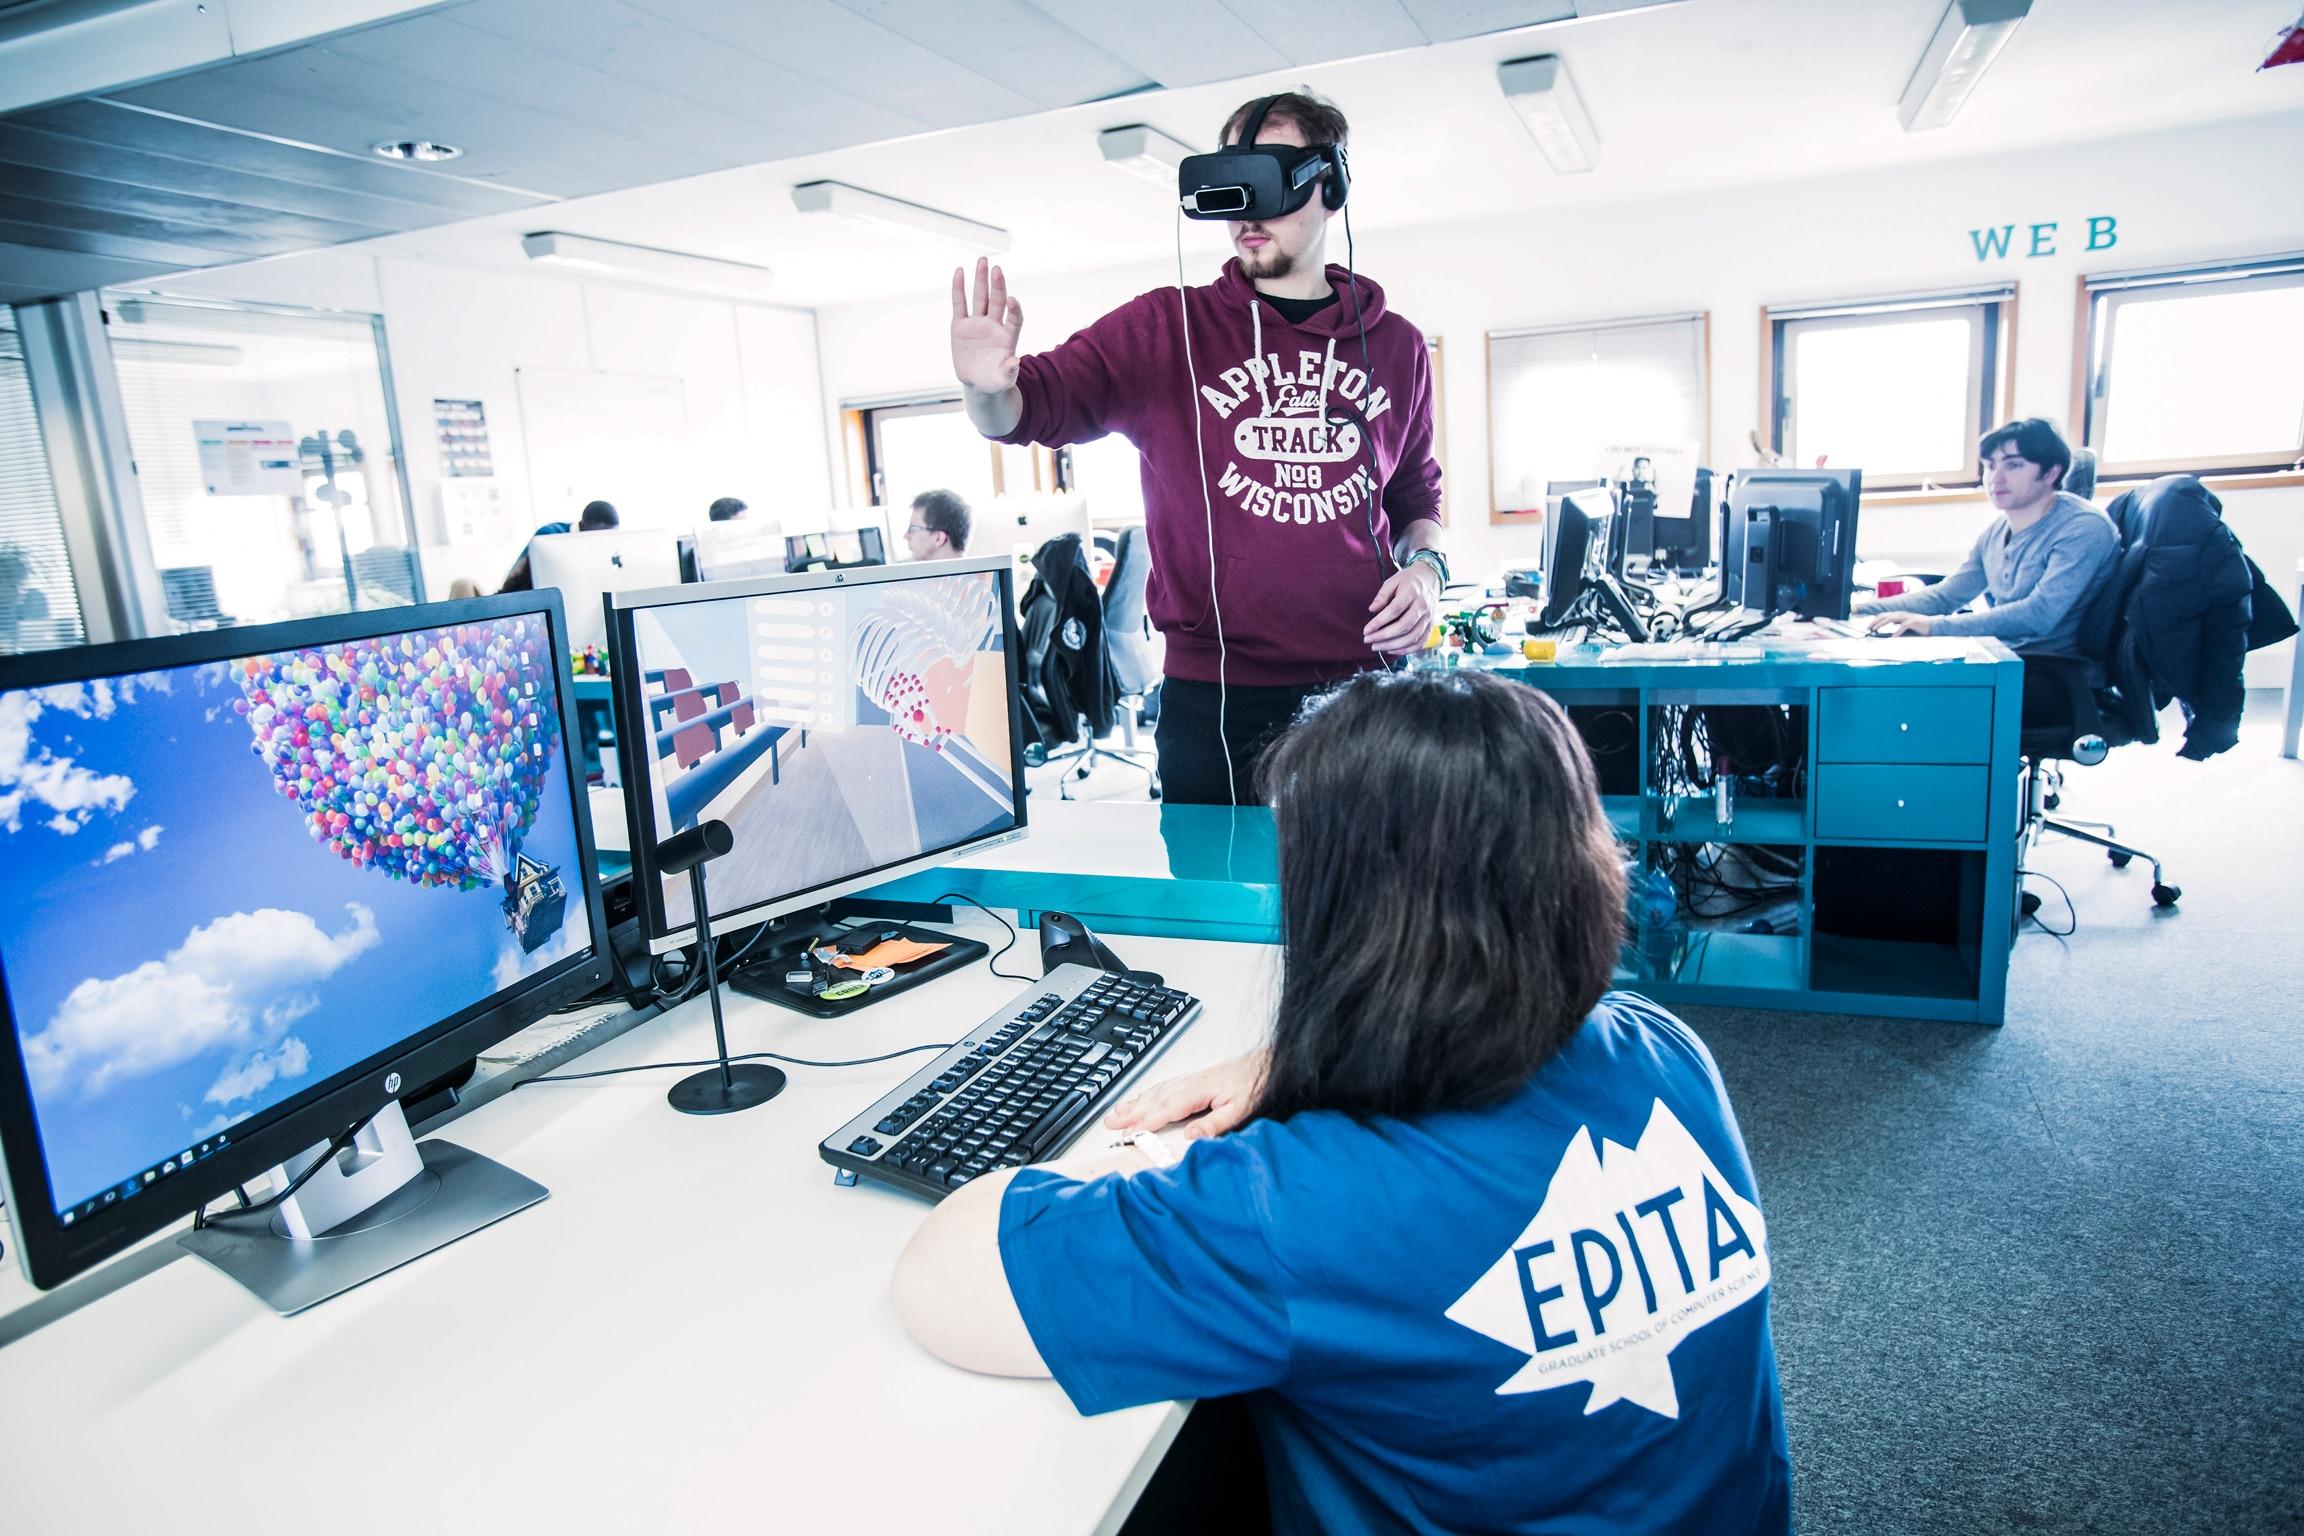 EPITA, Ecole d'ingénieurs en intelligence informatique - Laboratoire 3ie